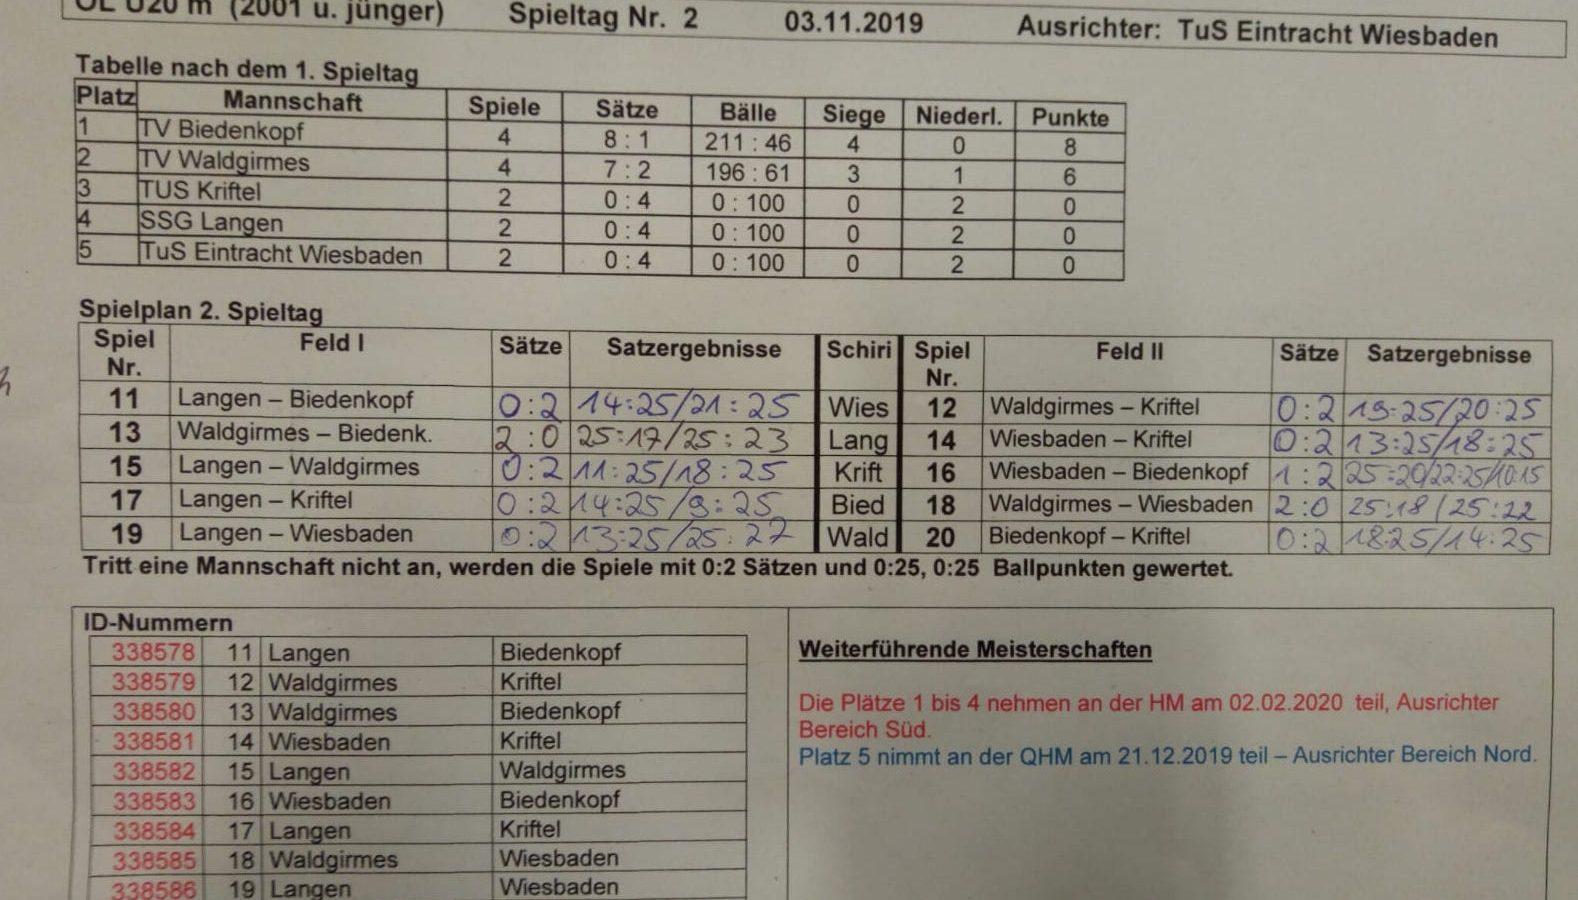 U20m fährt zur Hessenmeisterschaft